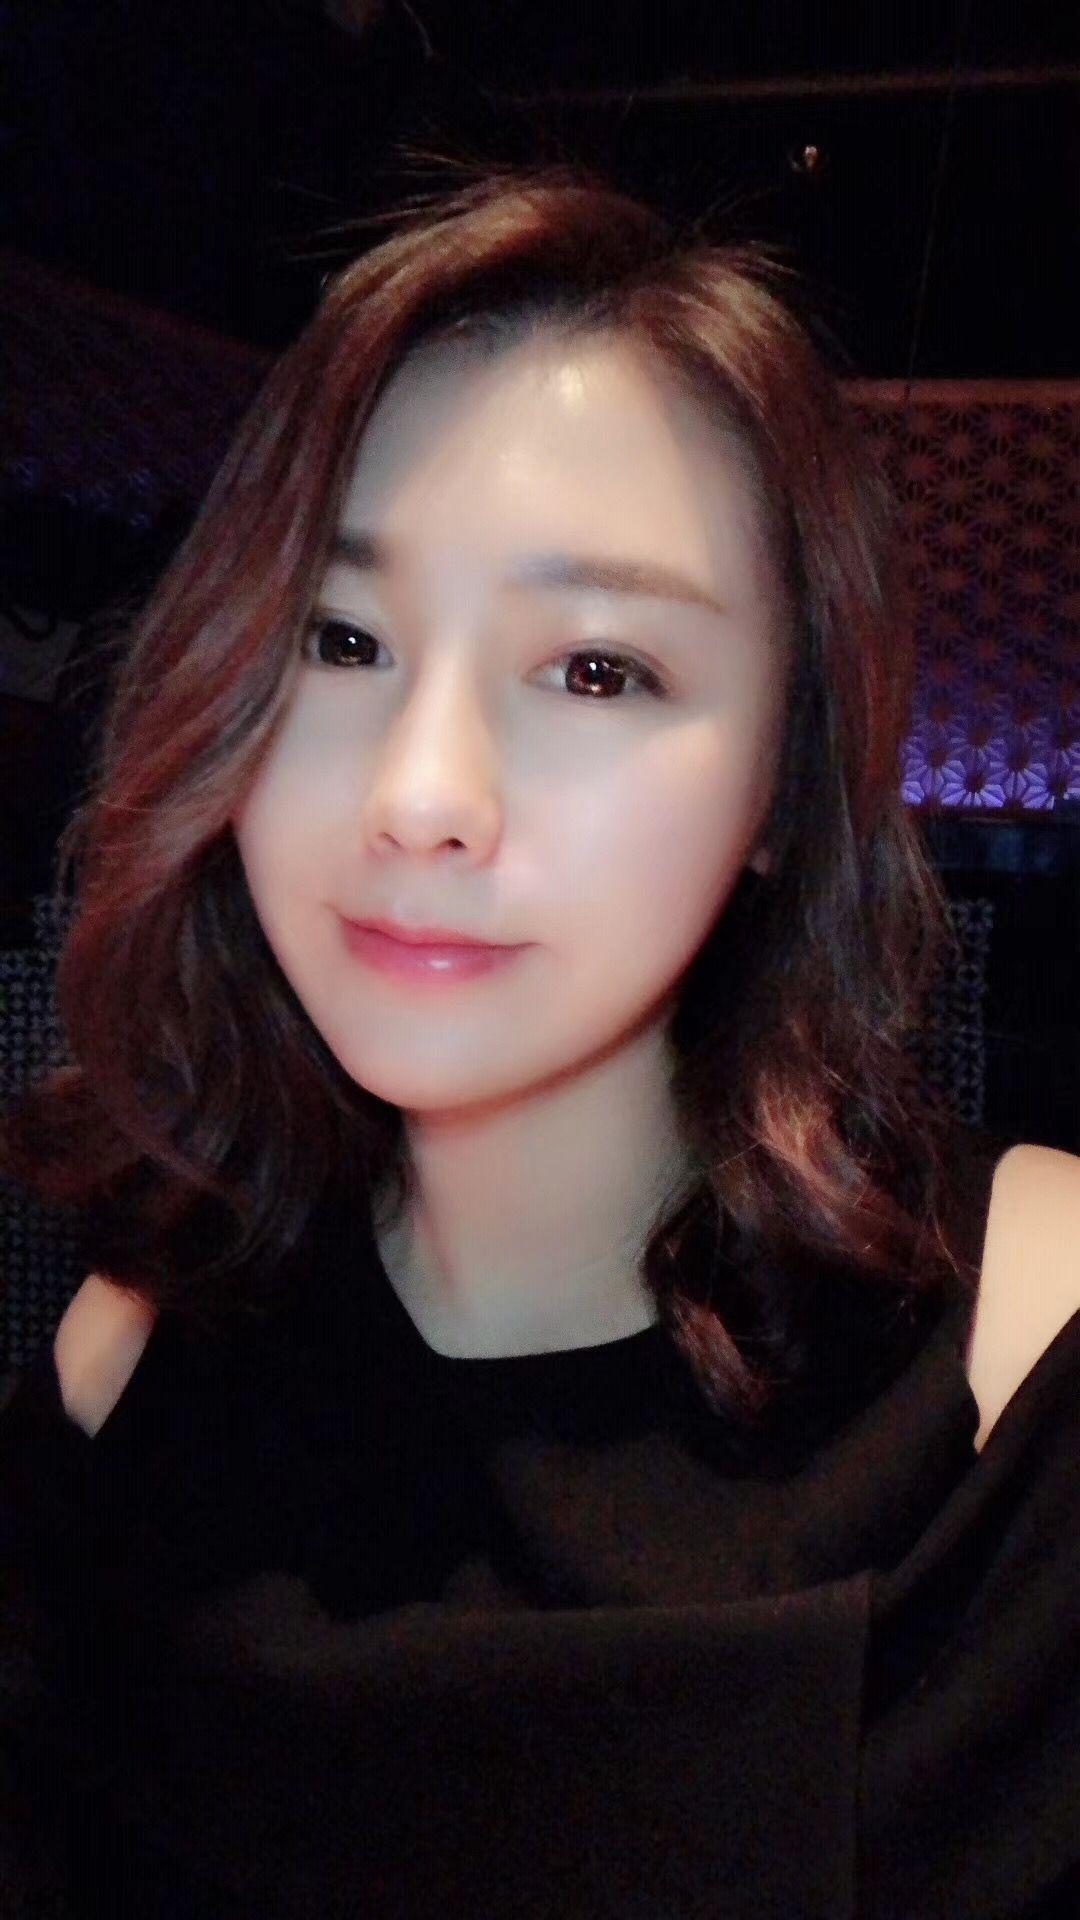 好吧!自我介绍一下,我是一名口腔科医生,80后,现在在上海。首先,我要承认我很爱美,我希望自己越来越美,但绝不是整容变成另一个人的那种变美,我还是很喜欢自己的脸的,像我妈妈(#^.^#),我想要的是美的有我的特色,美的自然,少女O(∩_∩)O哈哈~ 所以!我不能允许自己在40岁以前(至少)老去,皱纹松弛下垂……我都不要!刘教授建议我做音波提拉,我有好多客户都做过,看上去效果不错,好医生亲自操作+进口设备,那我有什么好犹豫的? 确实有一点点疼,虽然我足足敷了40分钟的麻药,好在做完后效果非常令我满意,下颌线一下子清晰了,脸整体往上提了,感觉脸型好看了许多,我觉得自己一下子回到了5、6年轻,不,比那个时候更好看了!